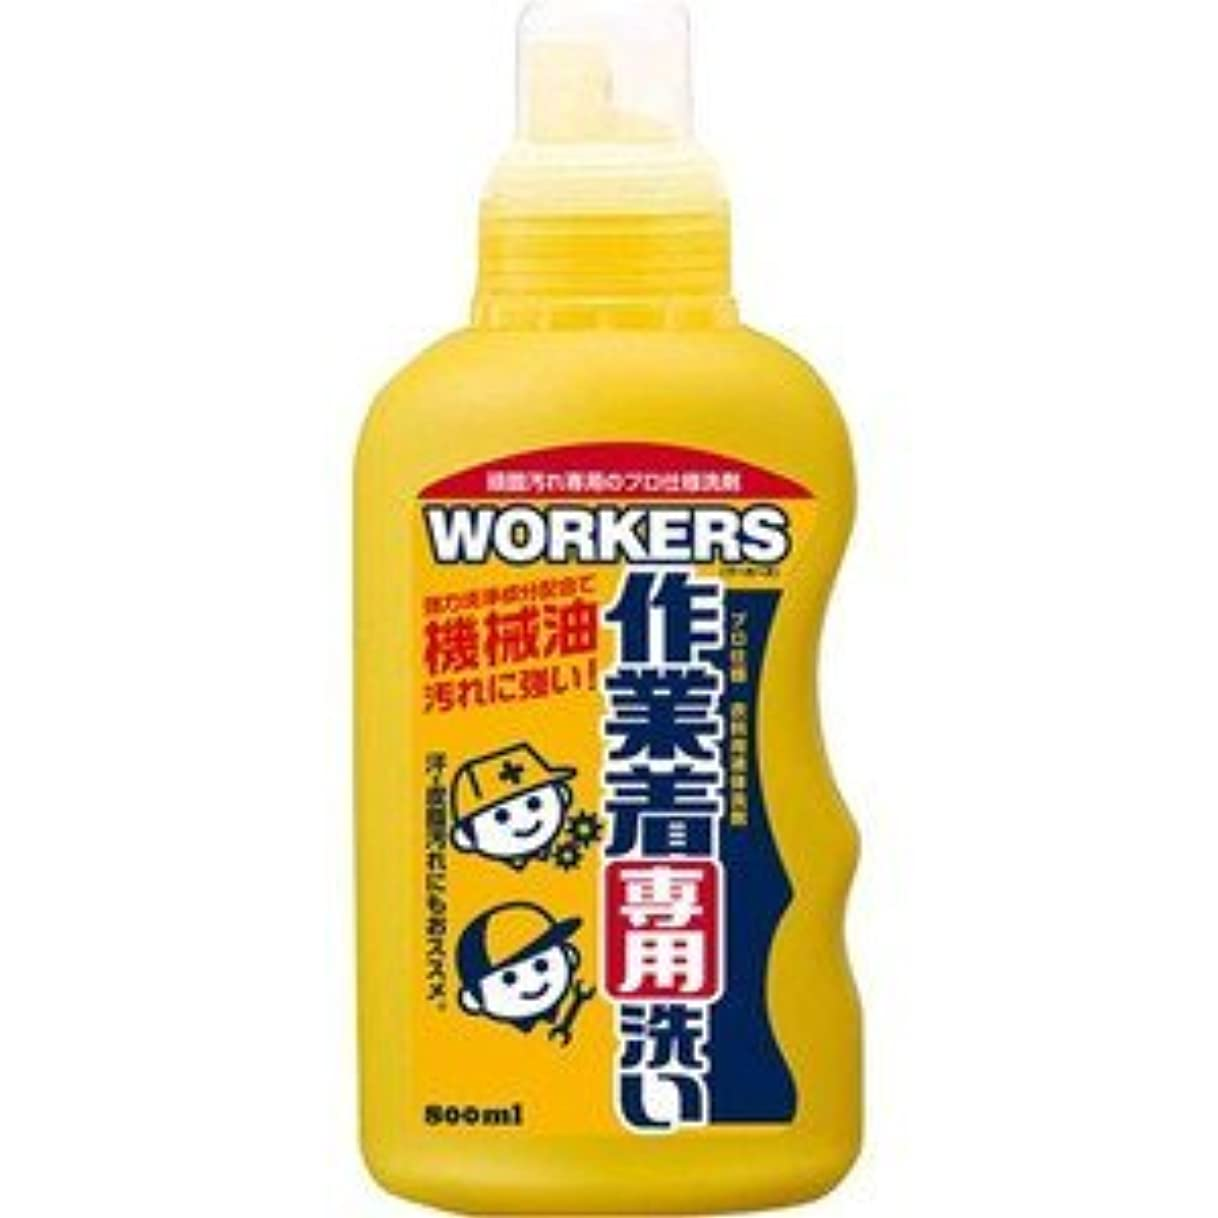 構造的ワイン校長(NSファーファ?ジャパン)WORKERS 作業着液体洗剤 本体 800ml(お買い得3個セット)